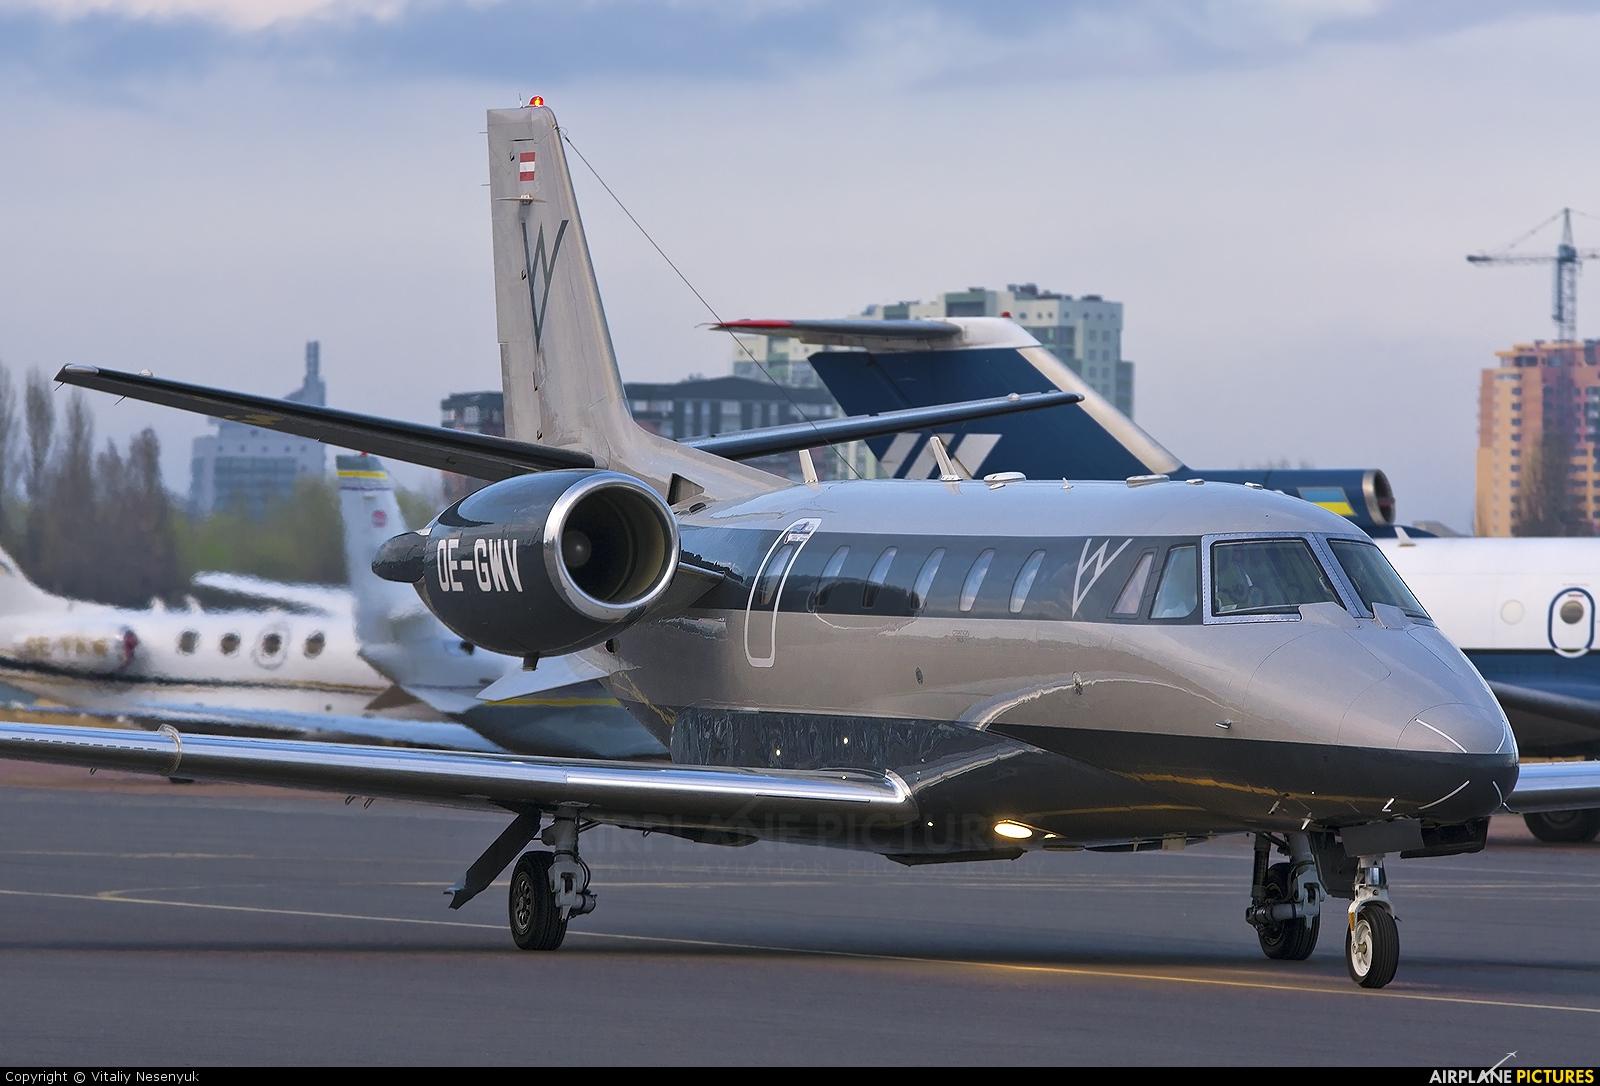 Private OE-GWV aircraft at Kiev - Zhulyany